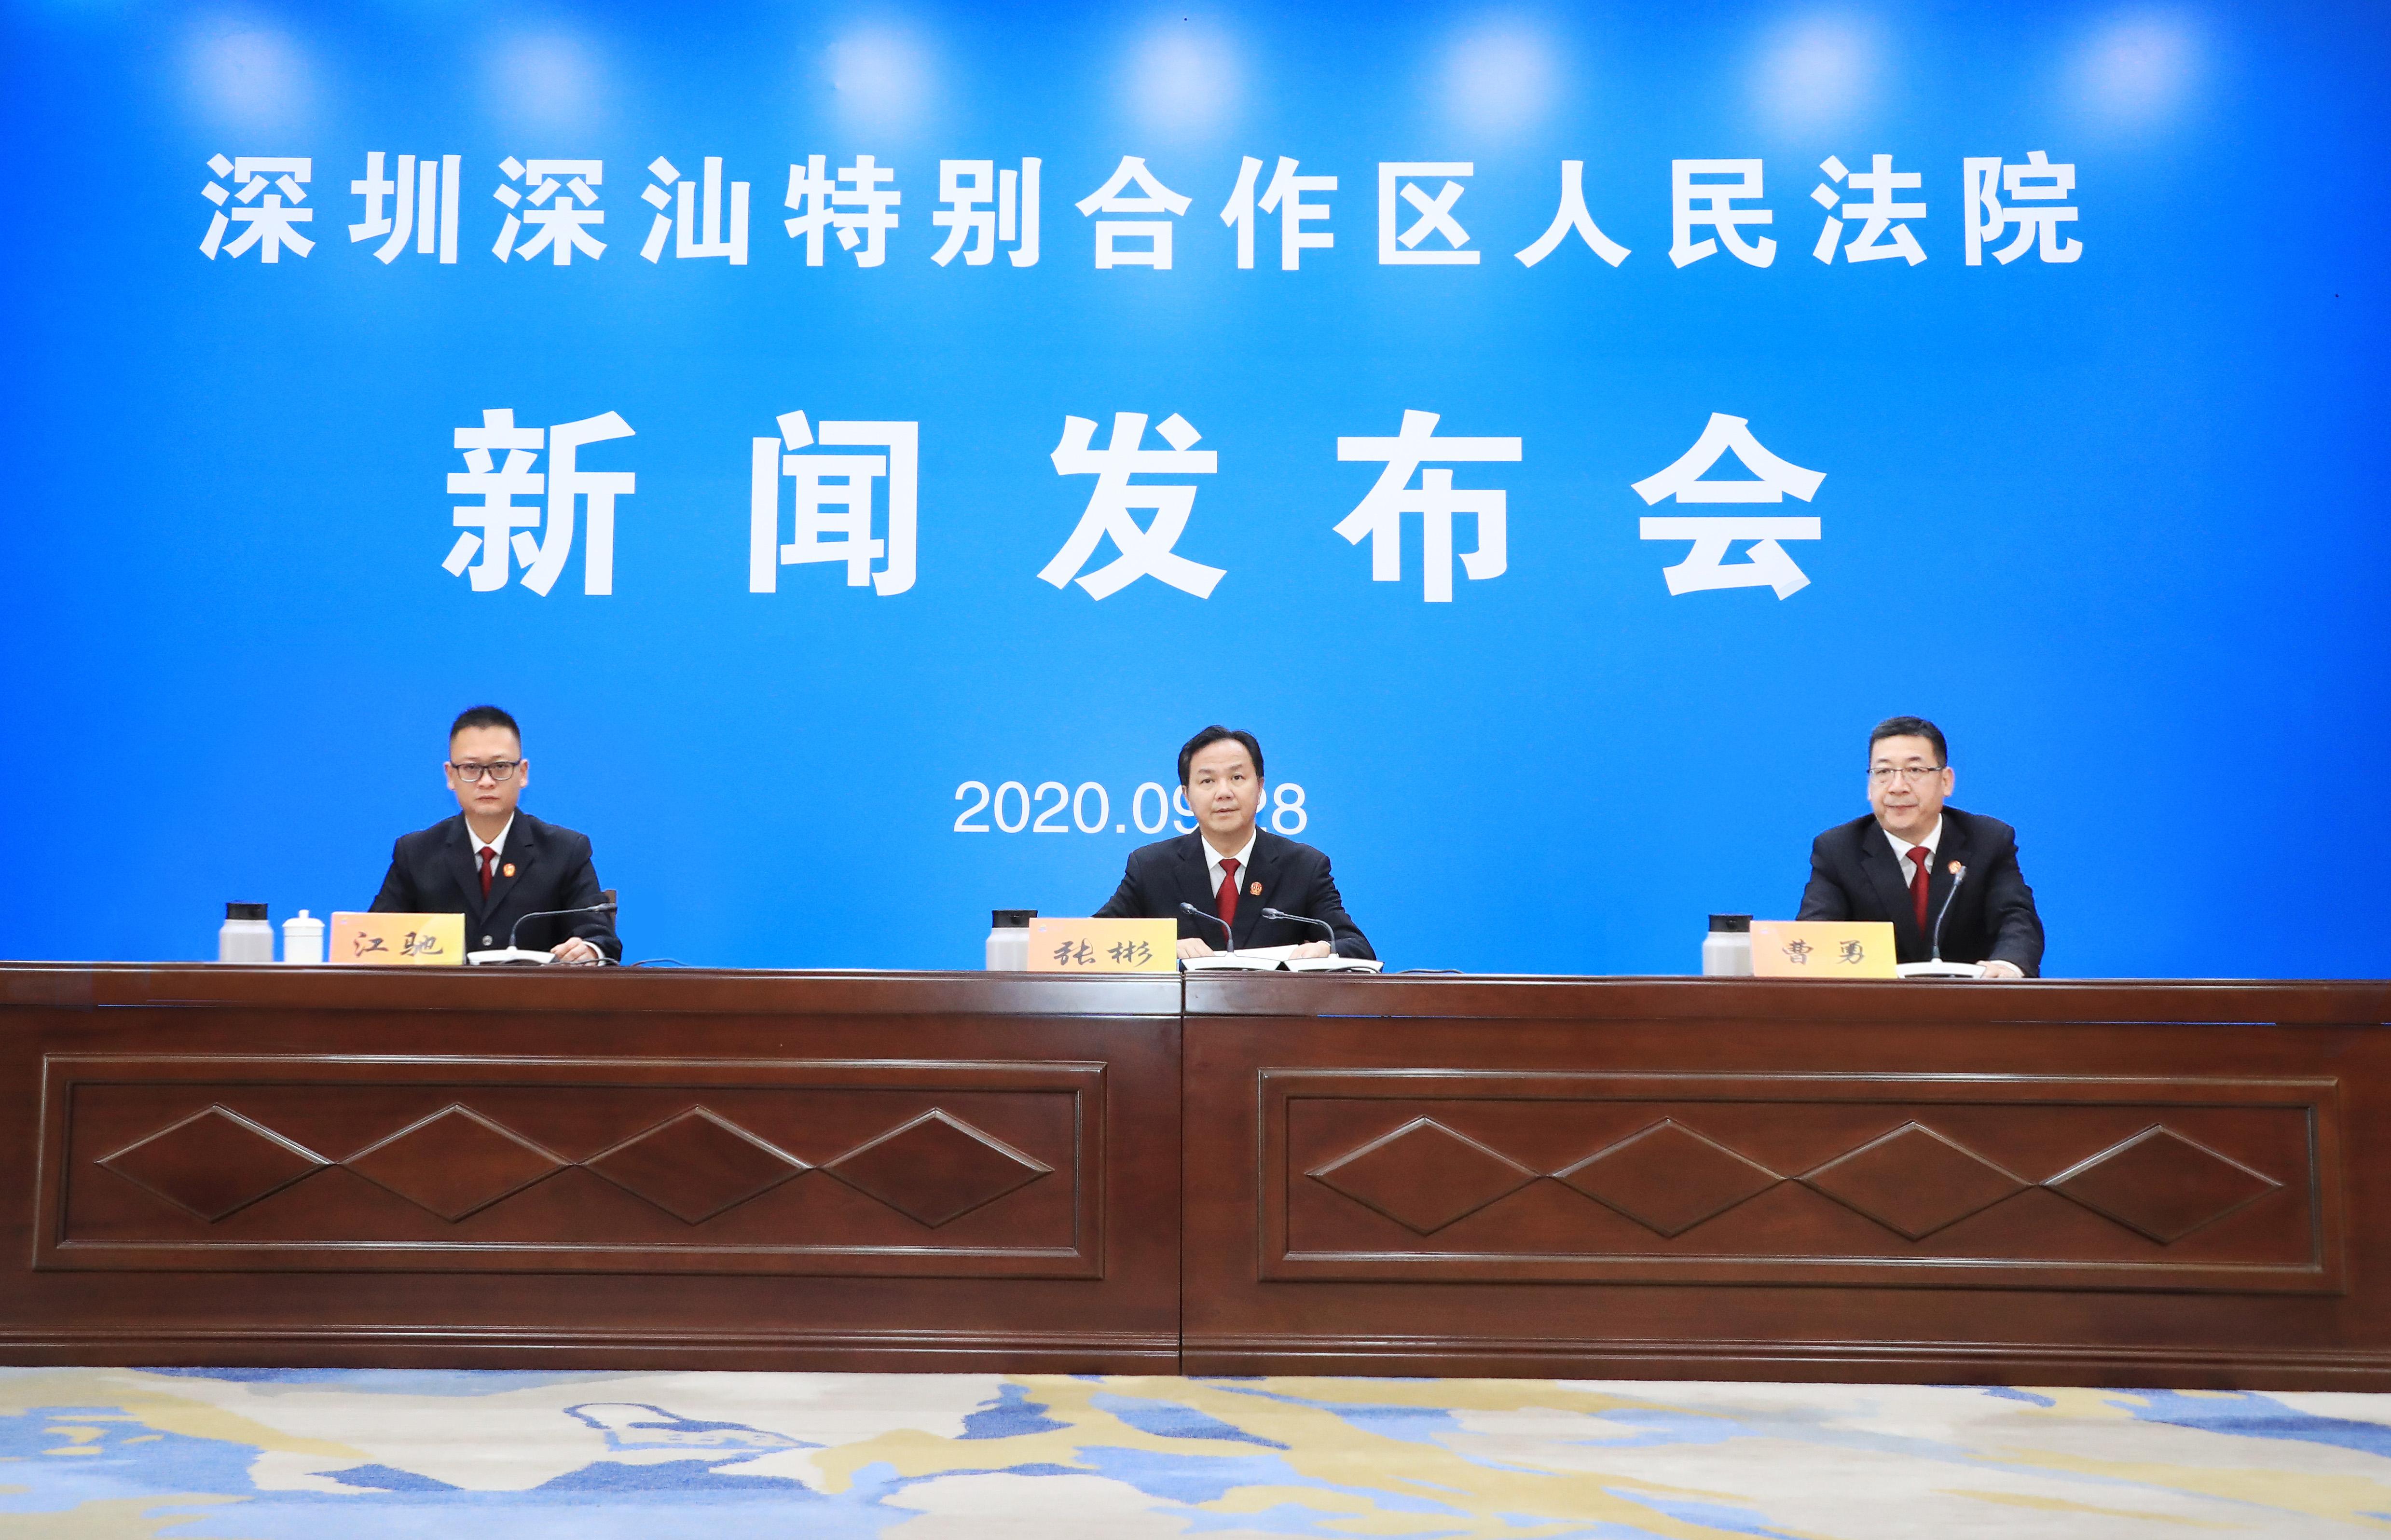 广东省高级人民法院关于深圳深汕特别合作区人民法院案件管辖的公告